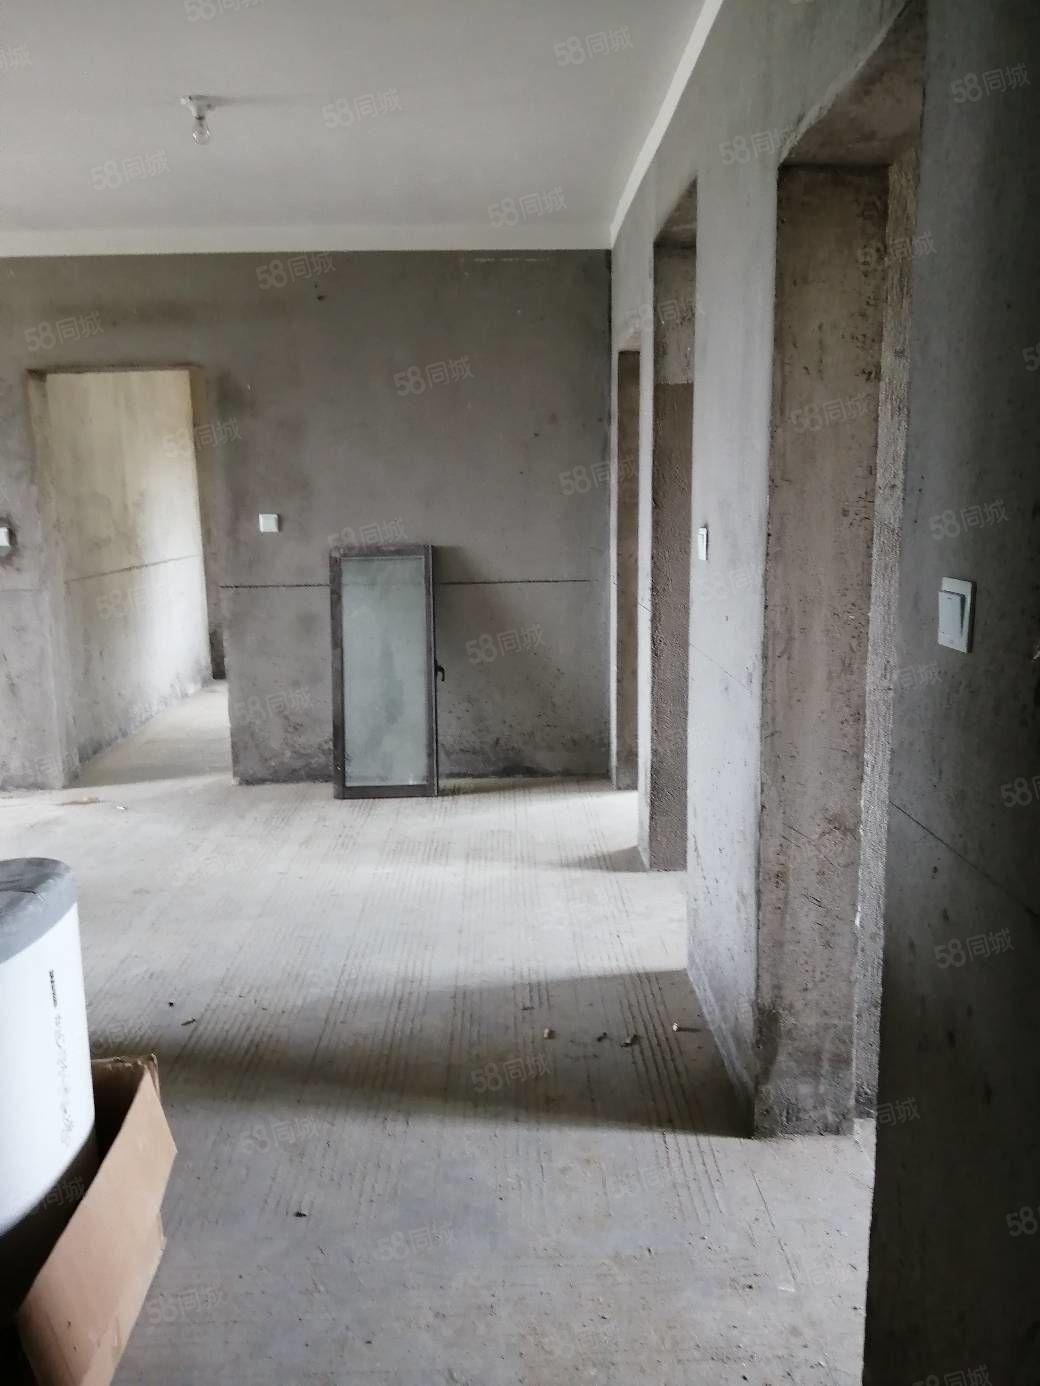 現房鐘秀錦城電梯3室前面無遮擋毛坯可隨時看房